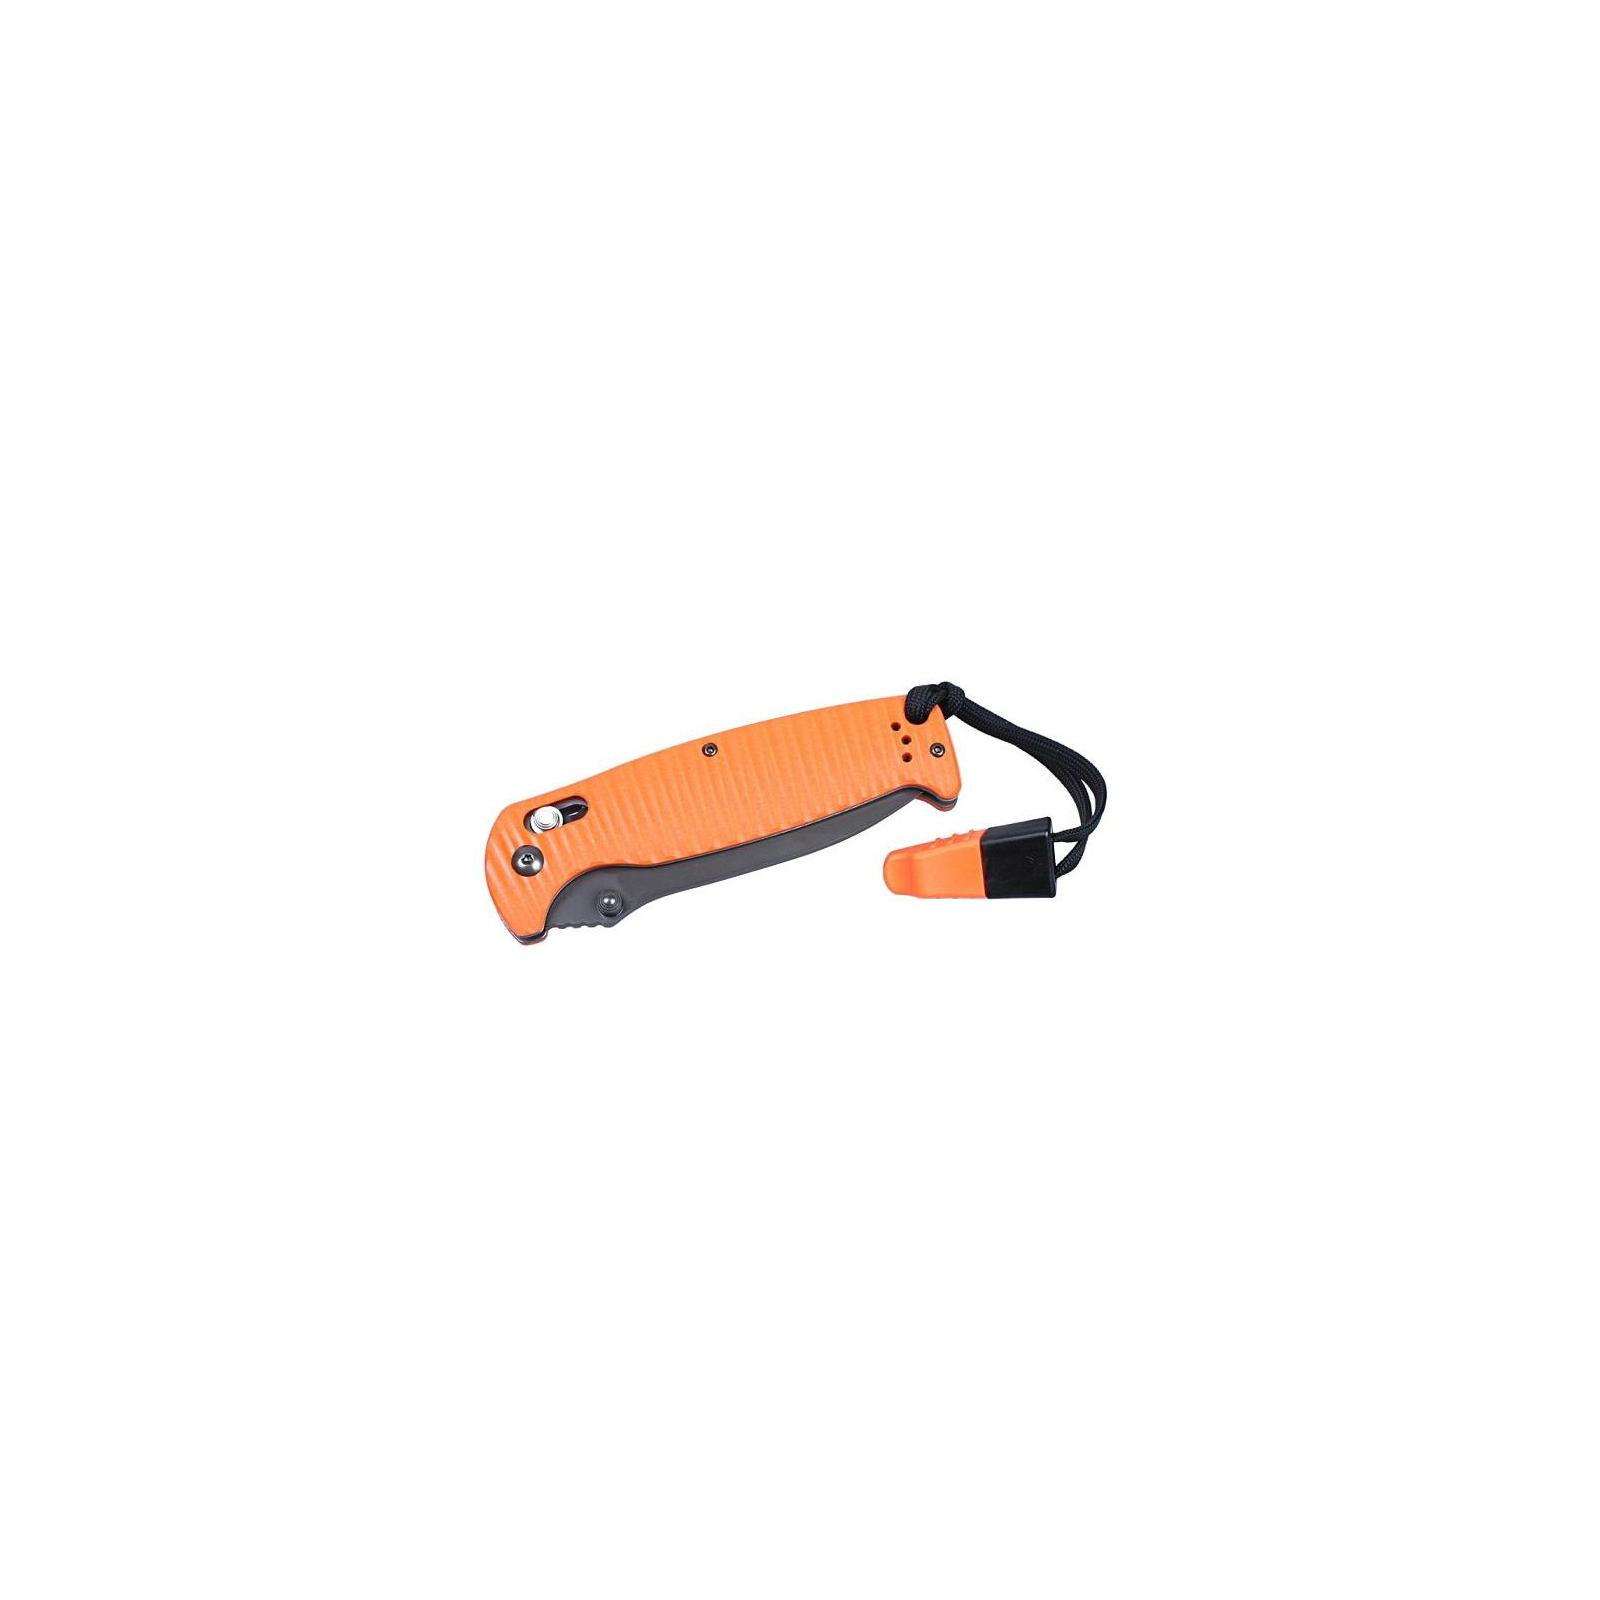 Нож Ganzo G7413P-BK-WS чёрный (G7413P-BK-WS) изображение 4